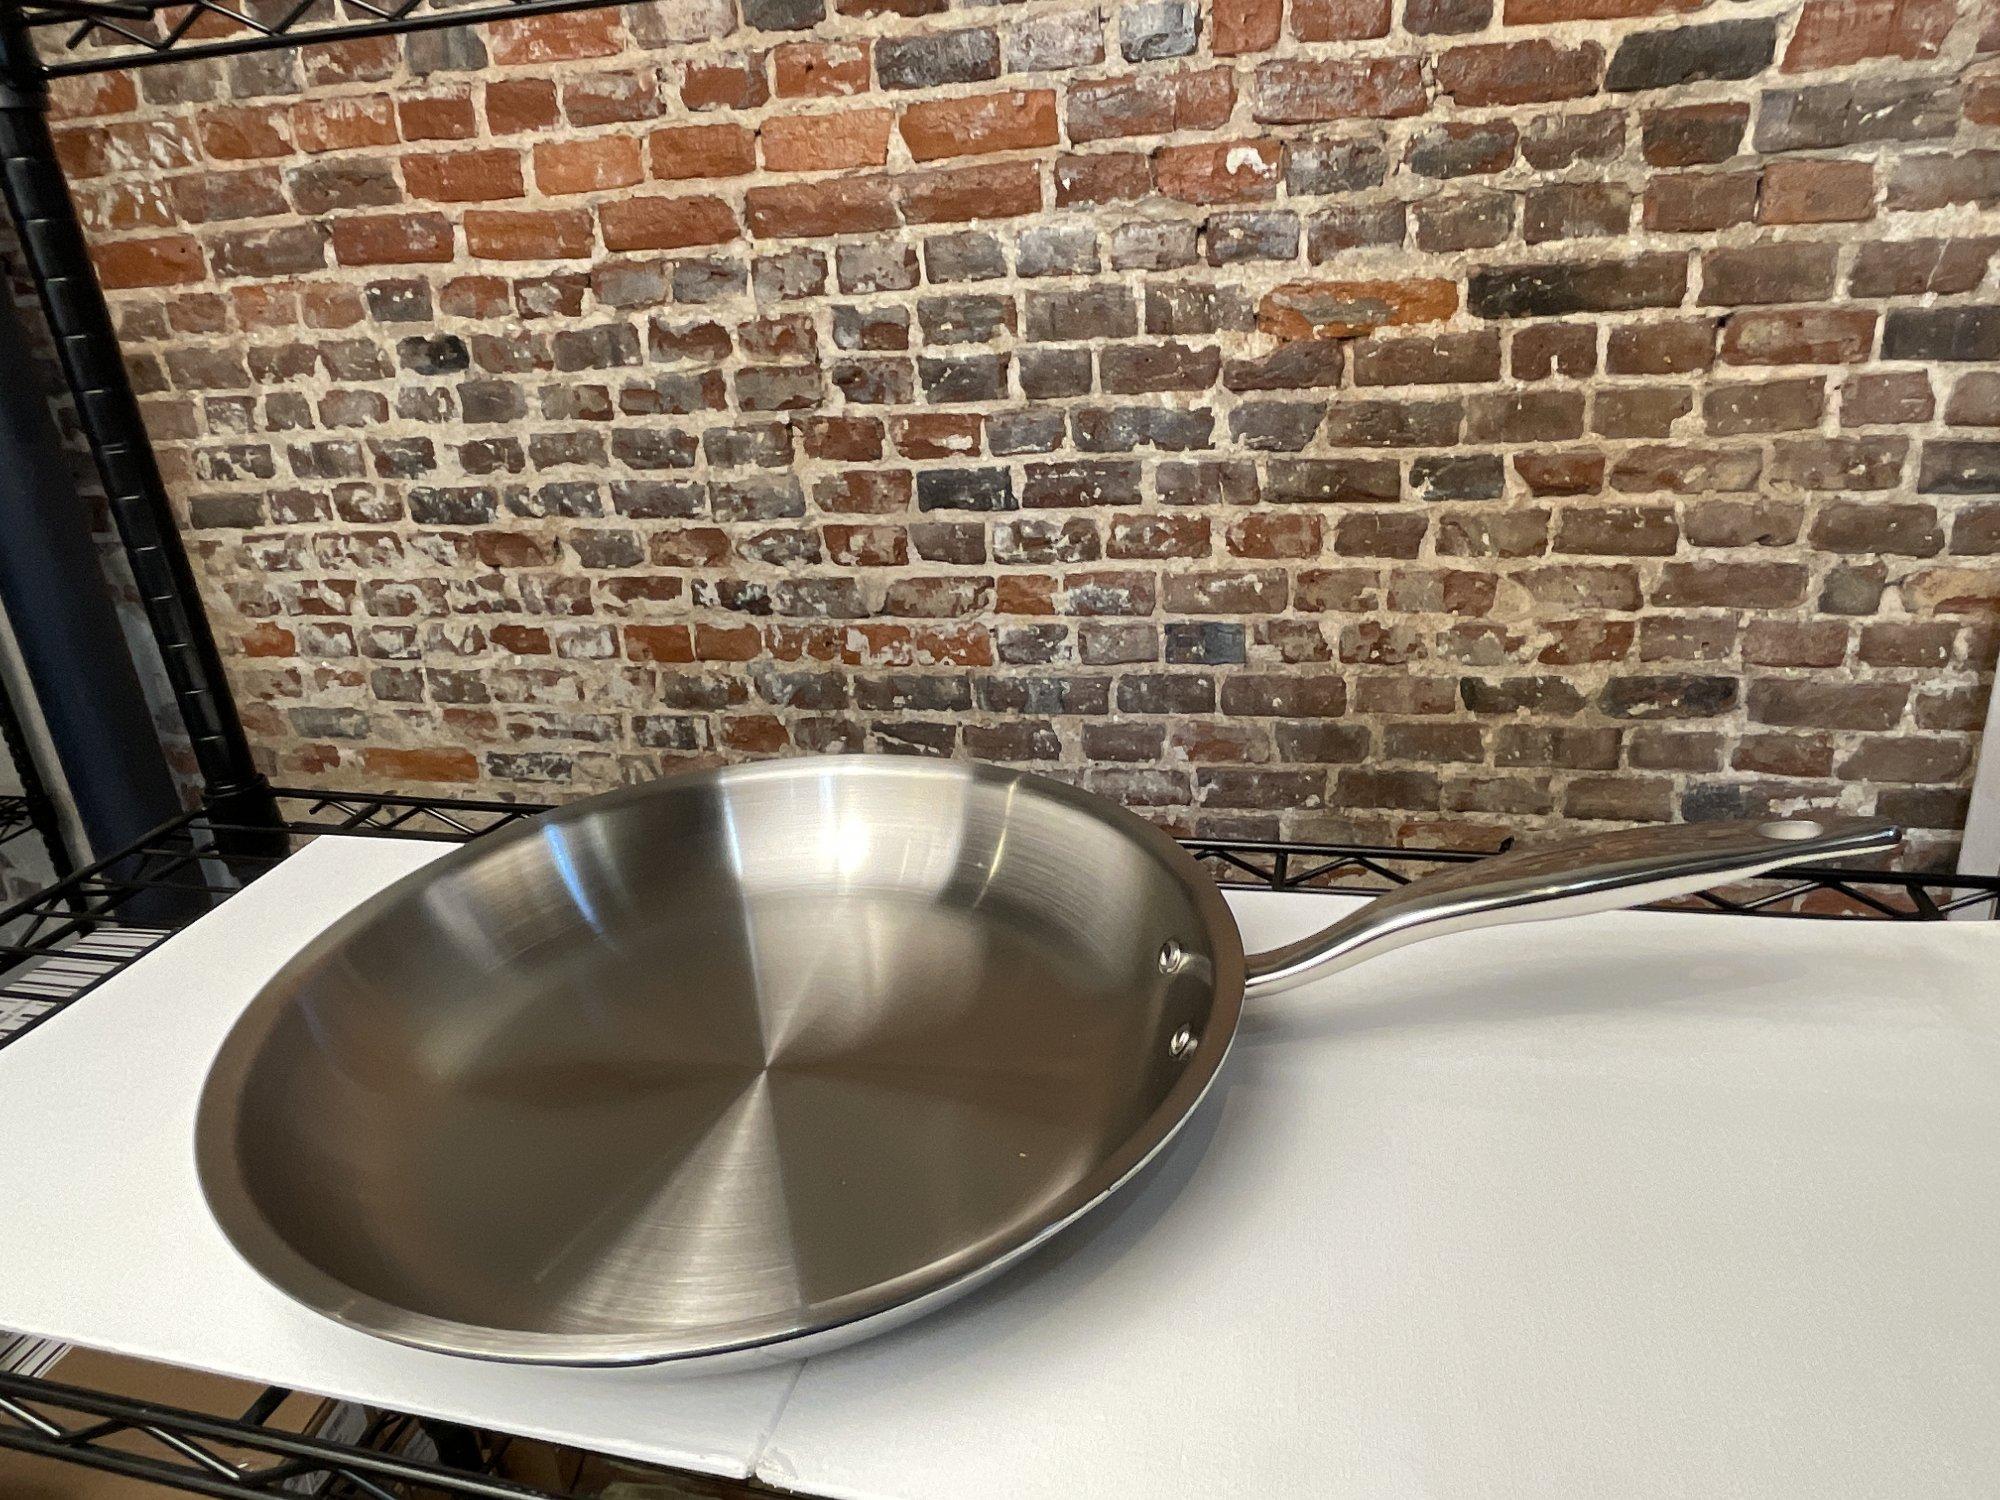 12 Fry Pan Heritage Steel